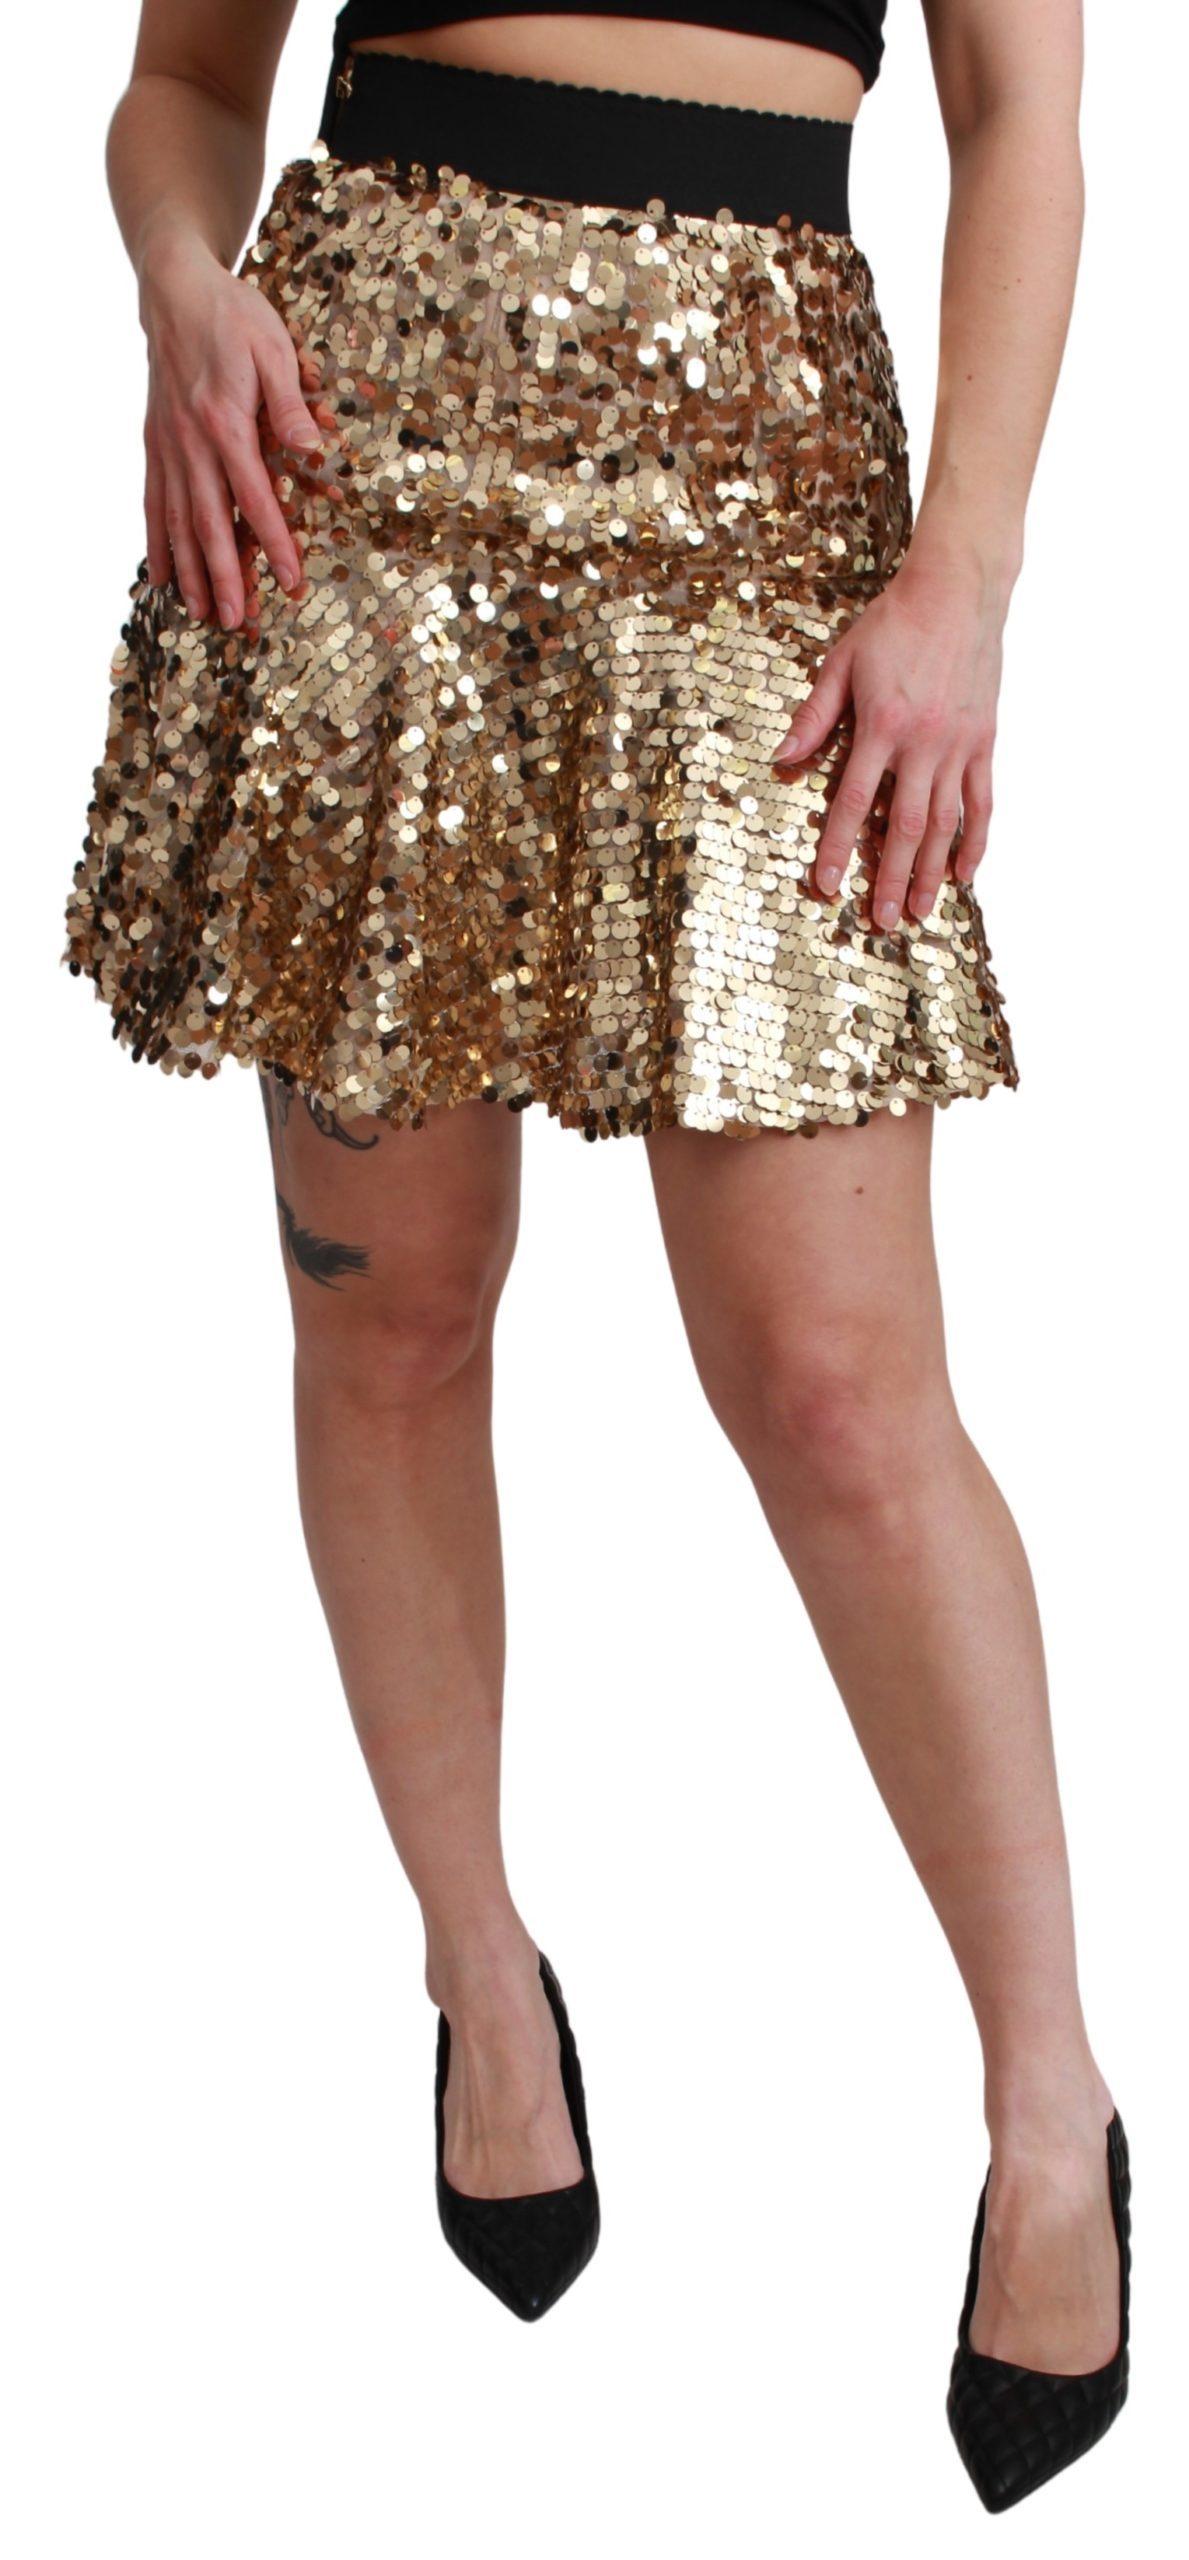 Dolce & Gabbana Women's Sequined High Waist A-line Mini Skirt SKI1451 - IT38 XS